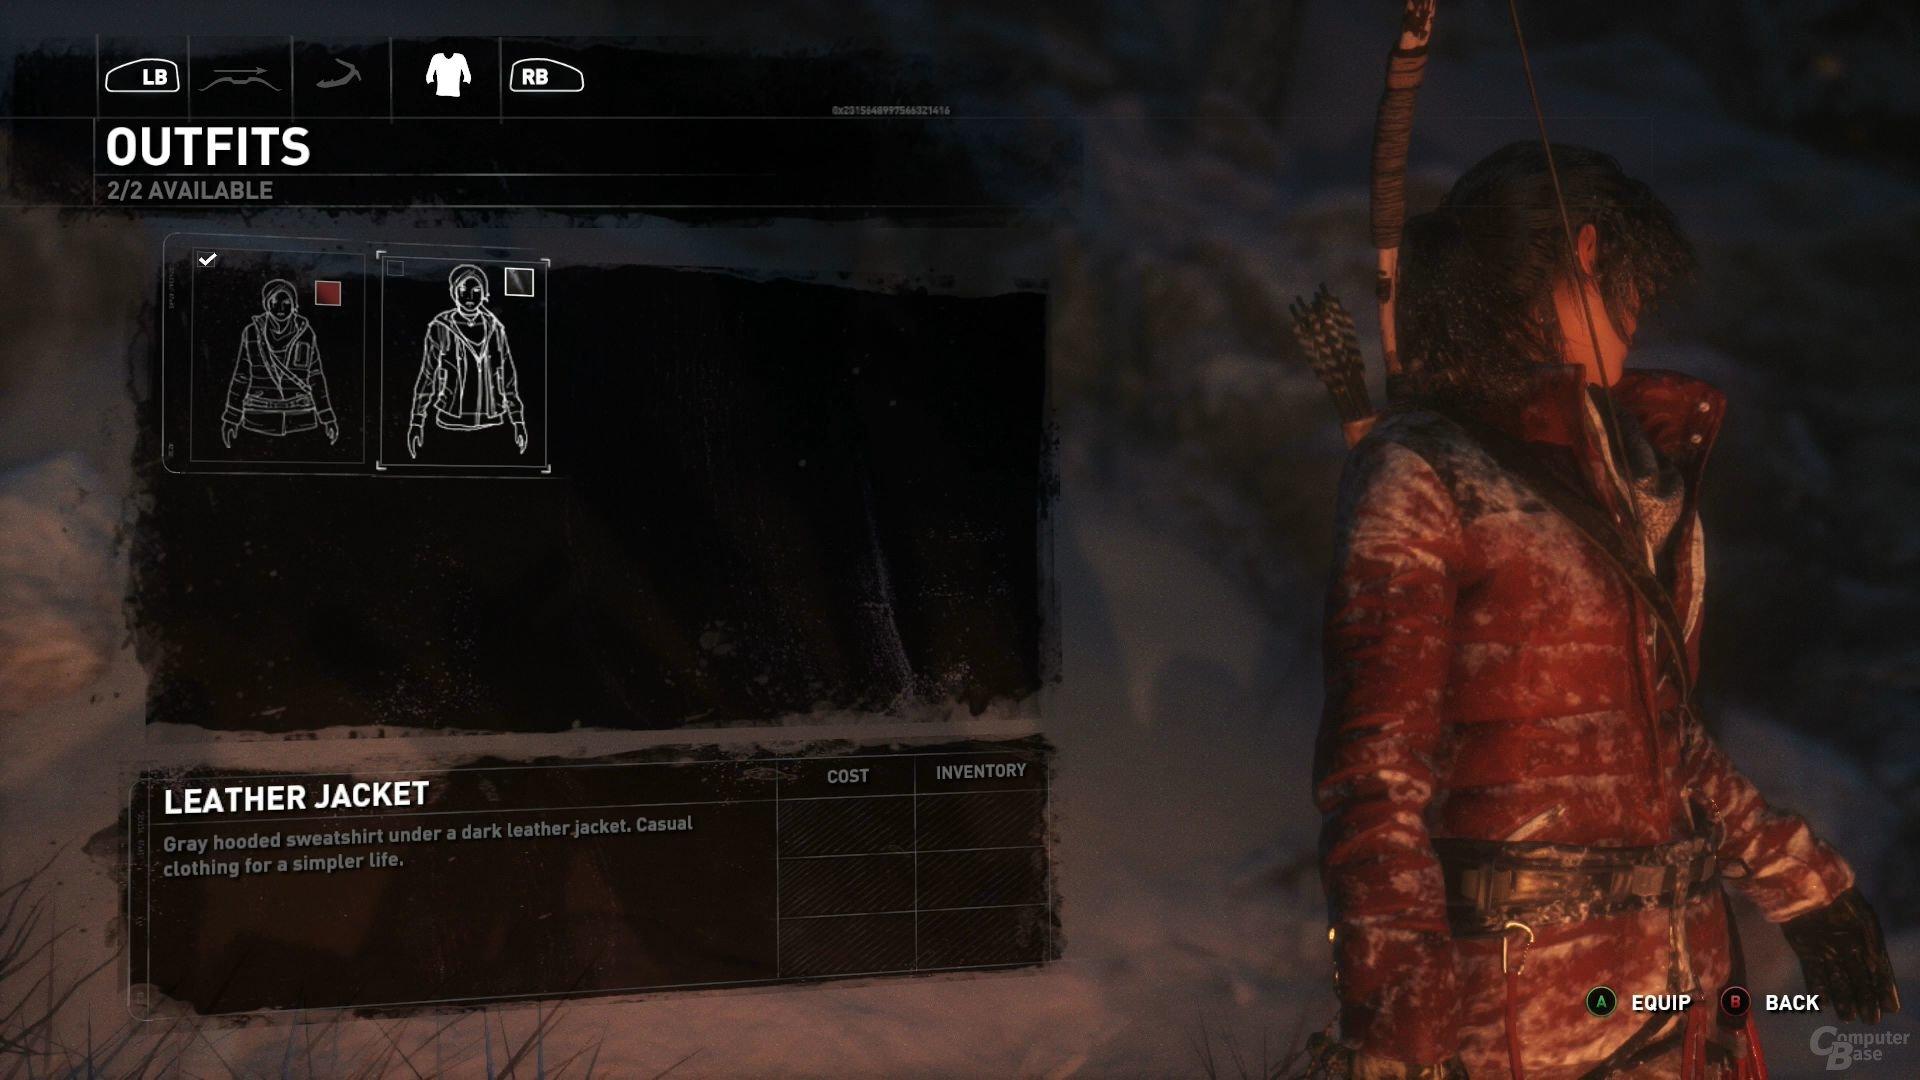 Die Wahl des Outfits obliegt dem Geschmack des Spielers